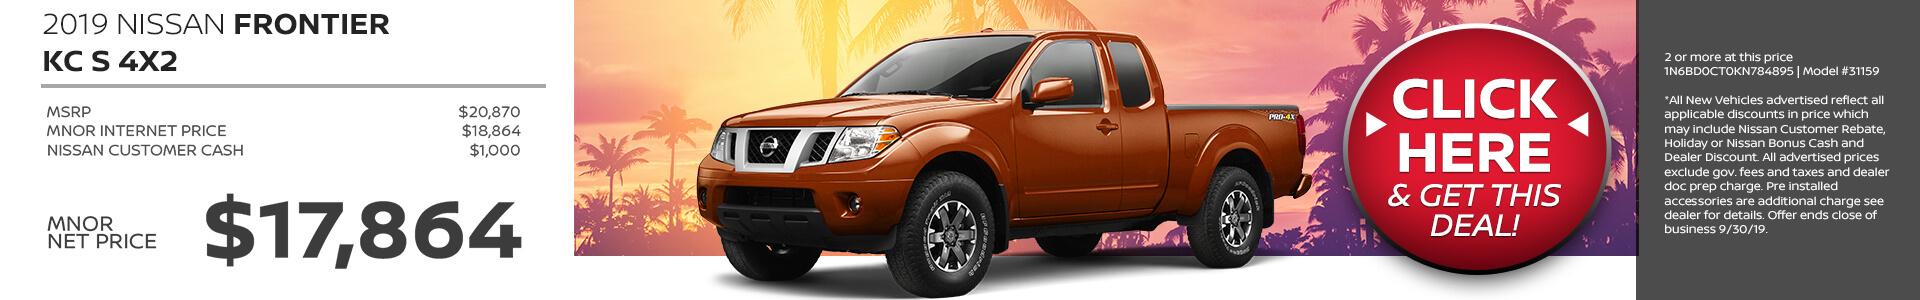 Frontier SRP $17790